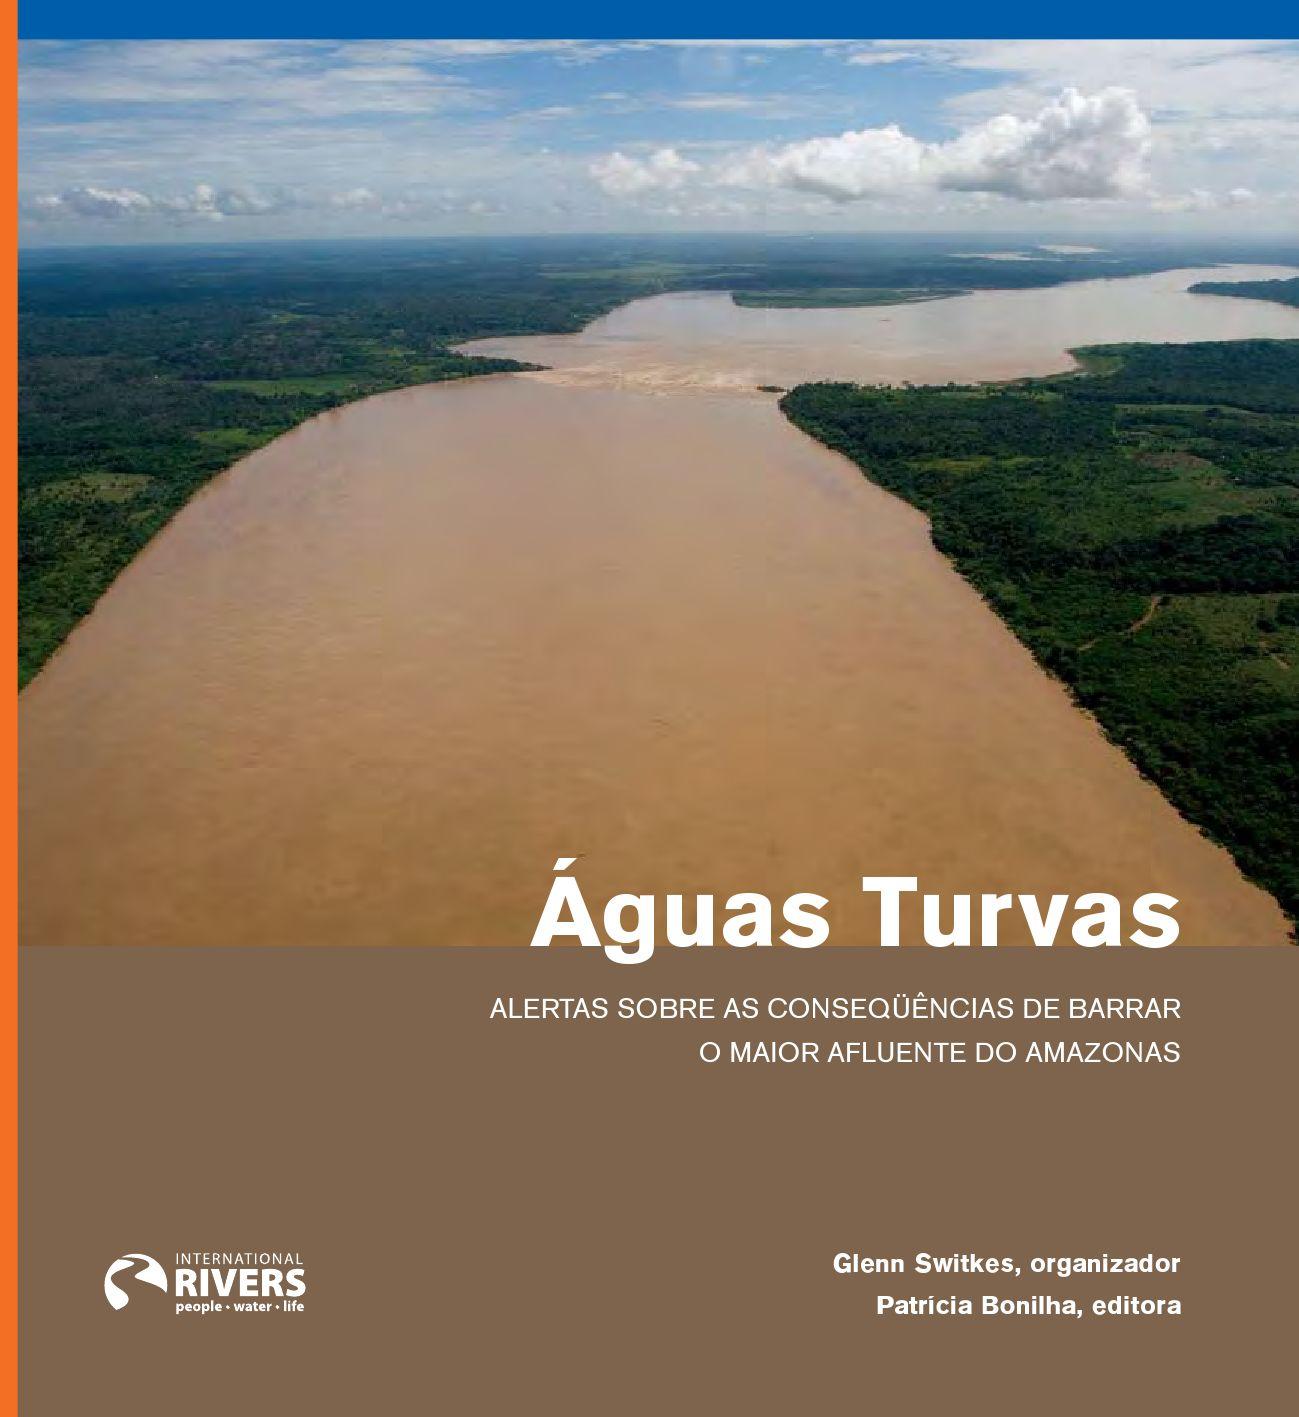 Aguas turvas by guilherme resende issuu fandeluxe Images